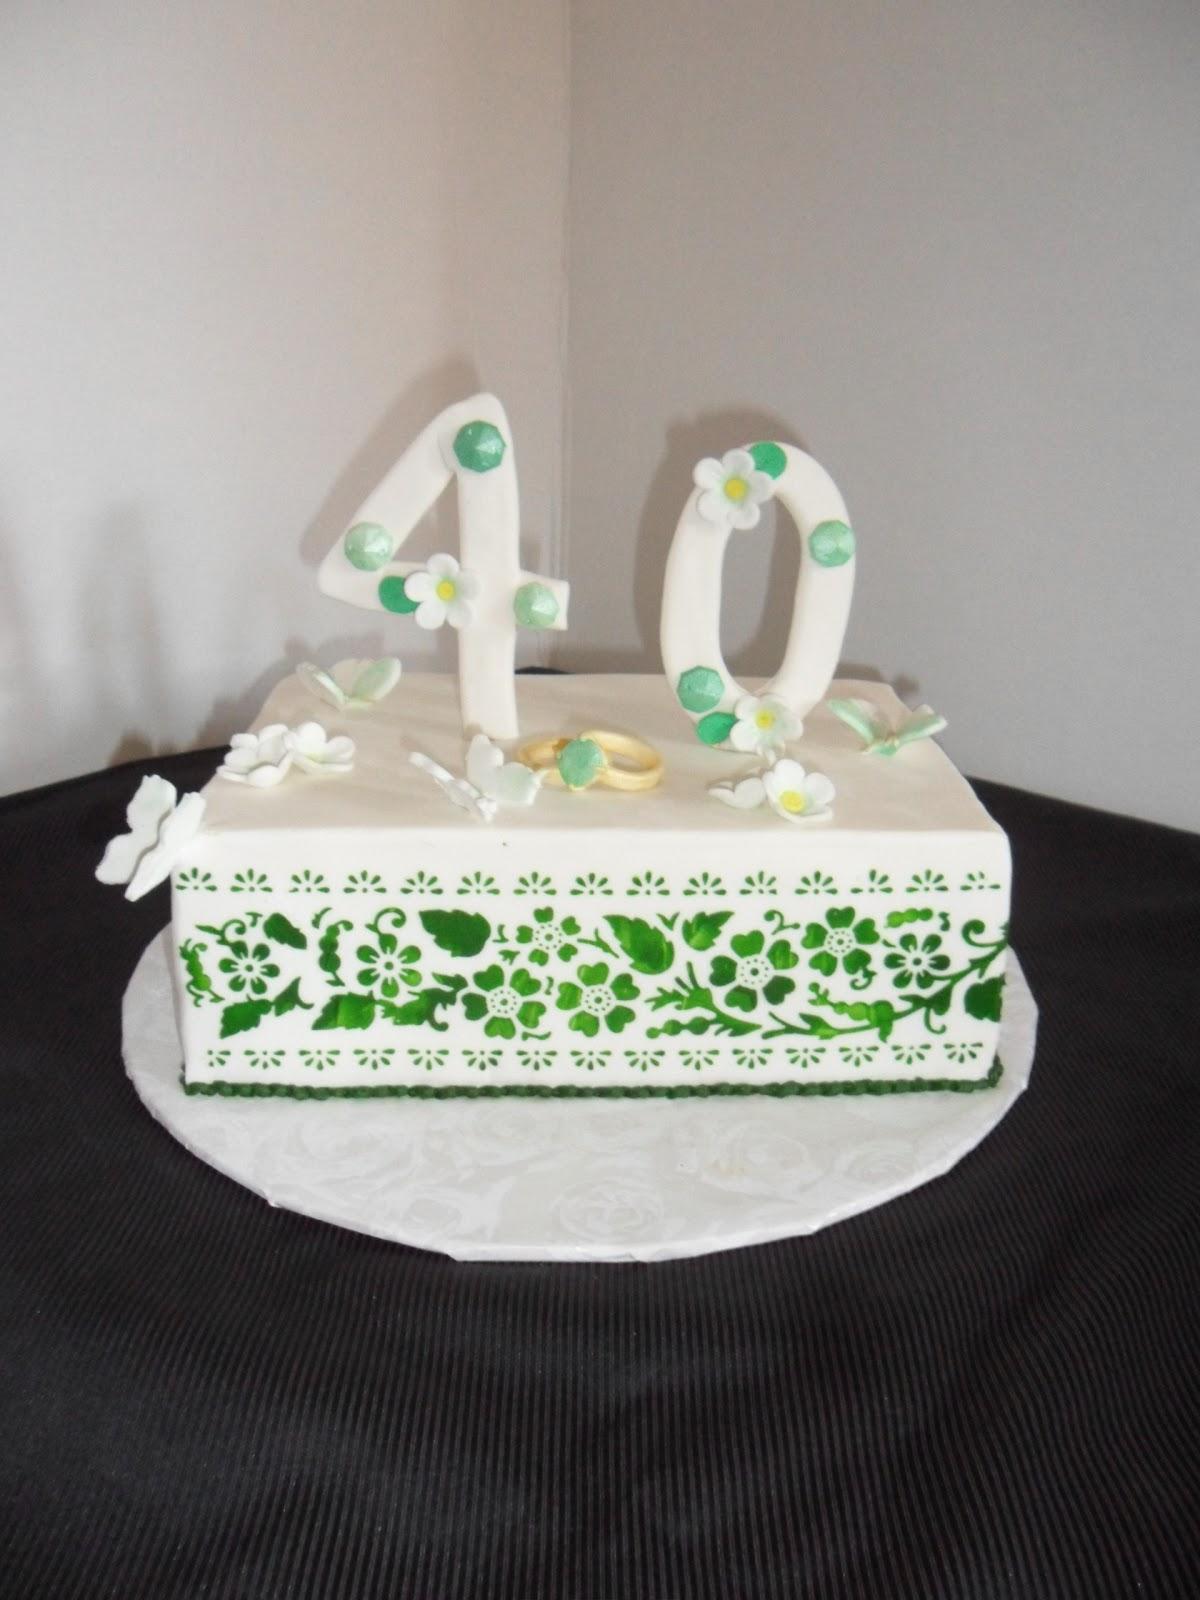 Famoso Mary opere di fantasia: Nozze di smeraldo!! KD51